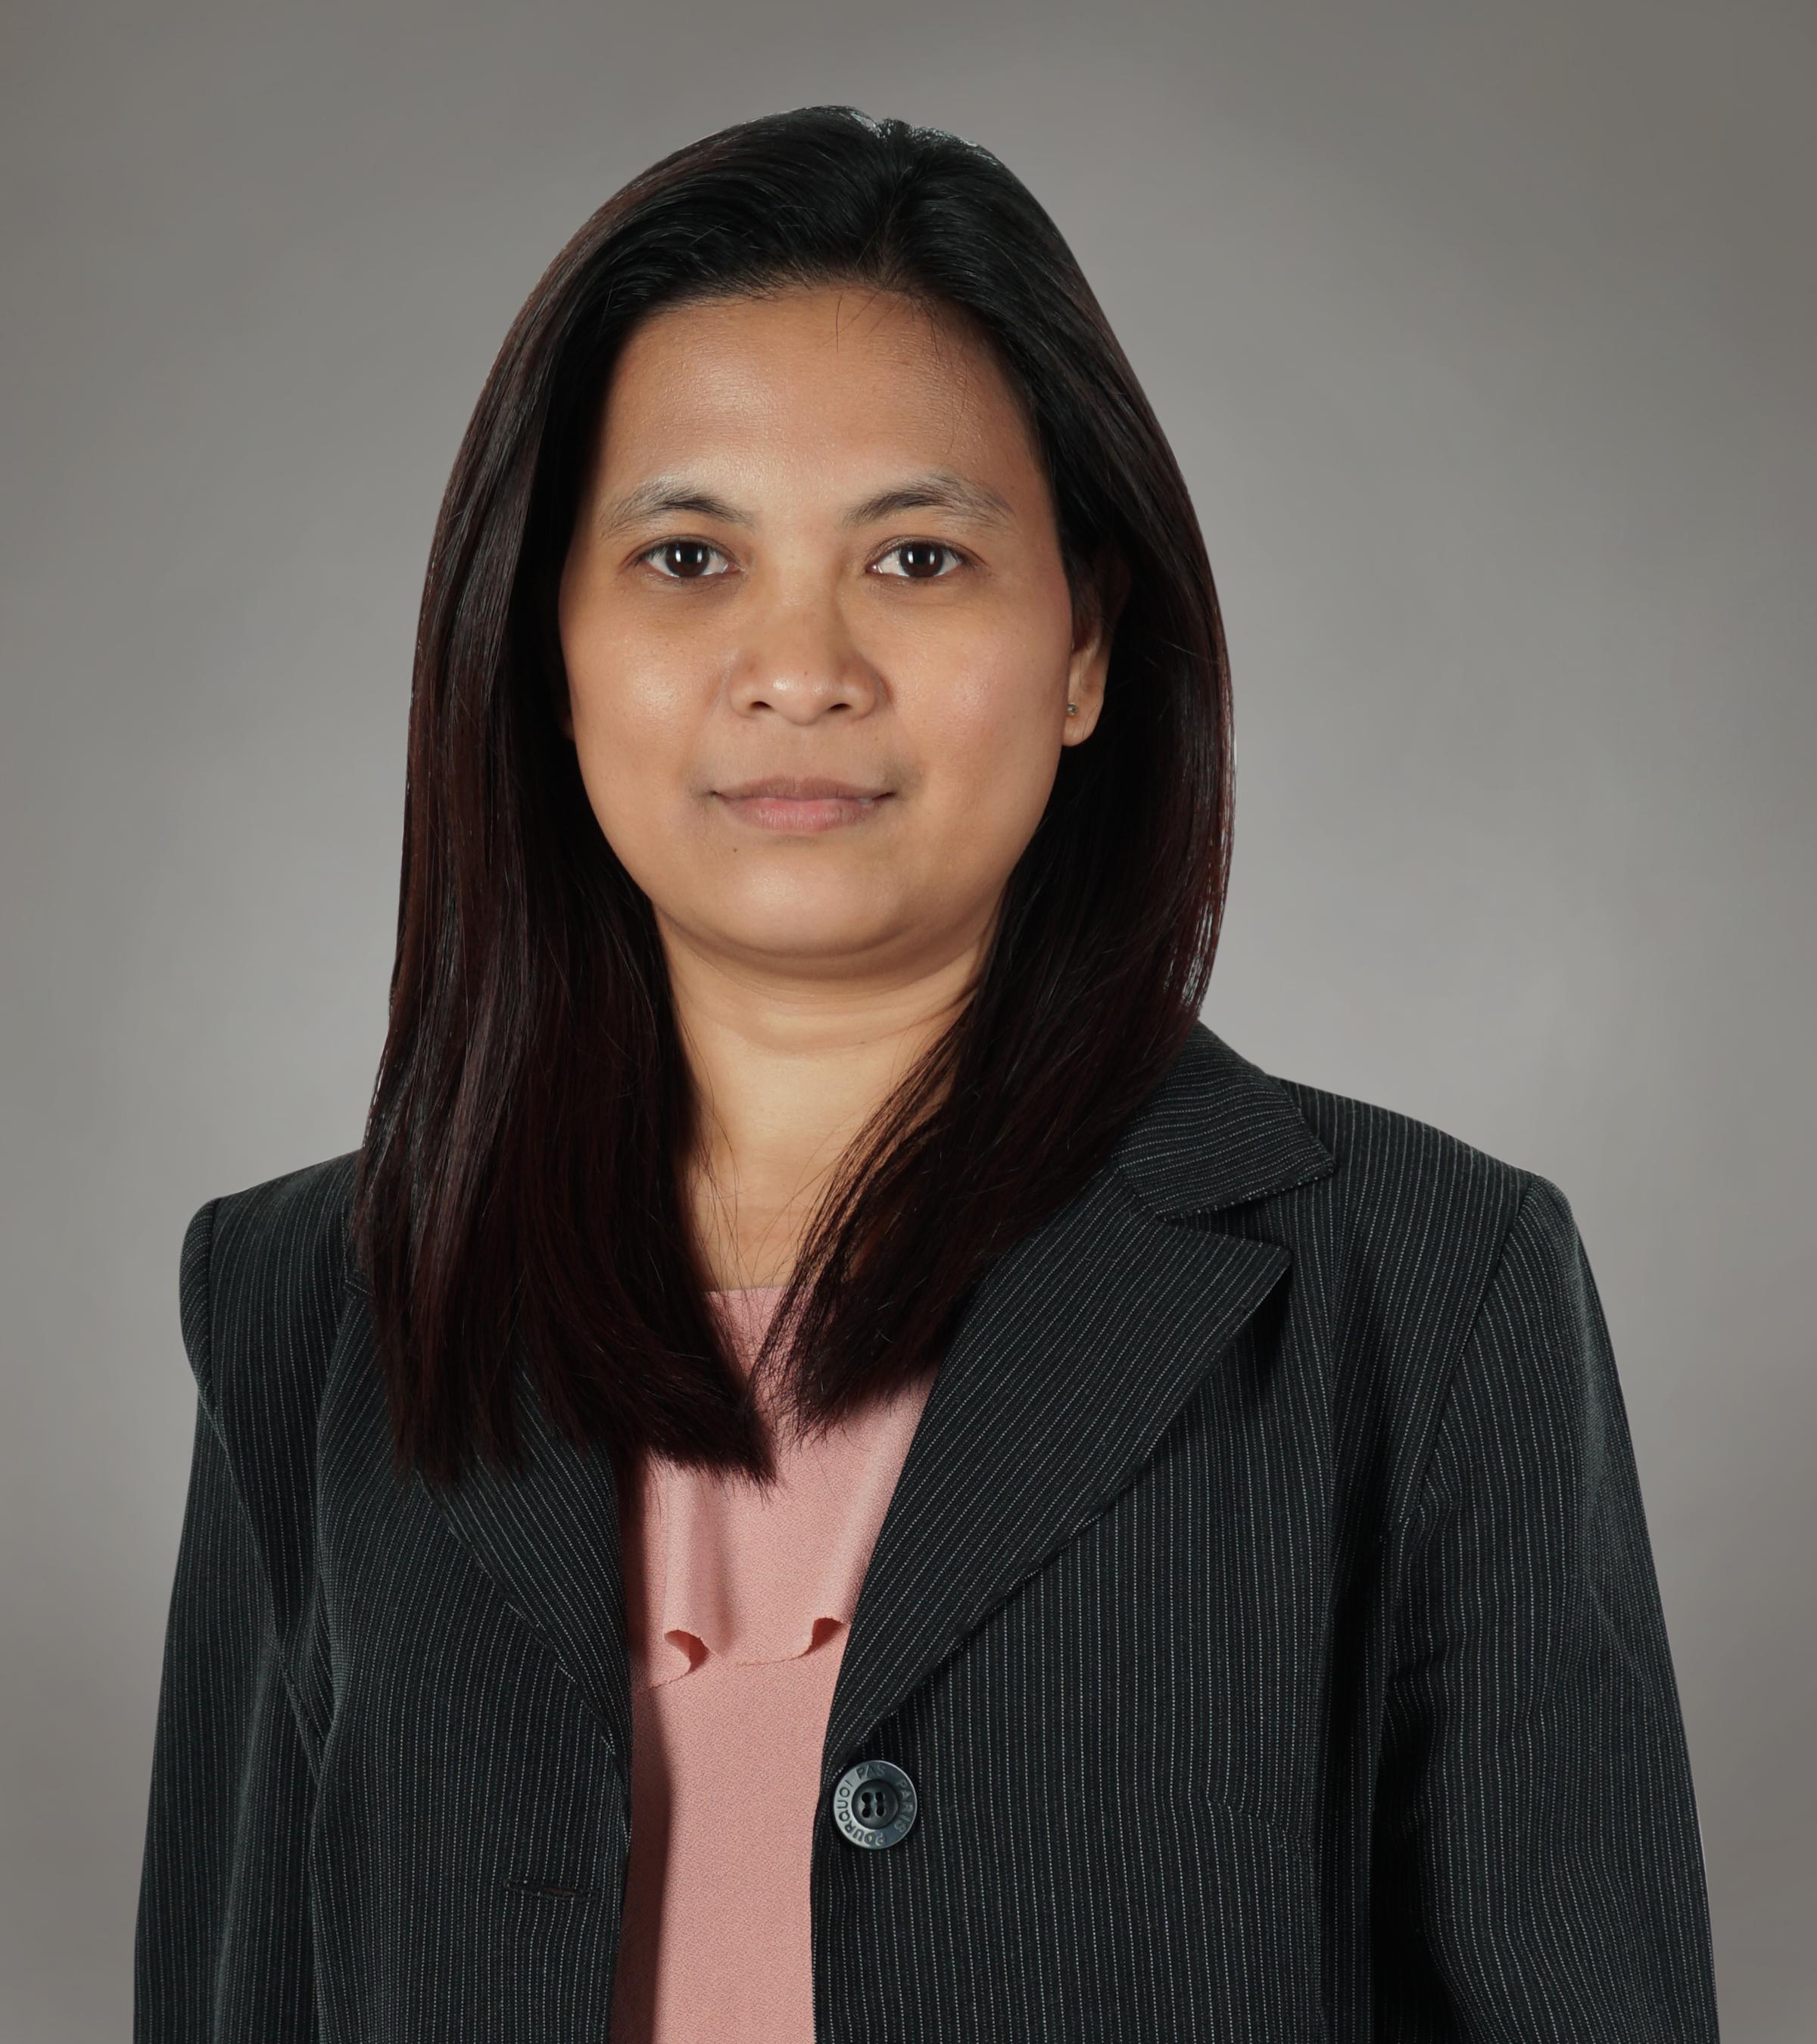 Erlyn Lim